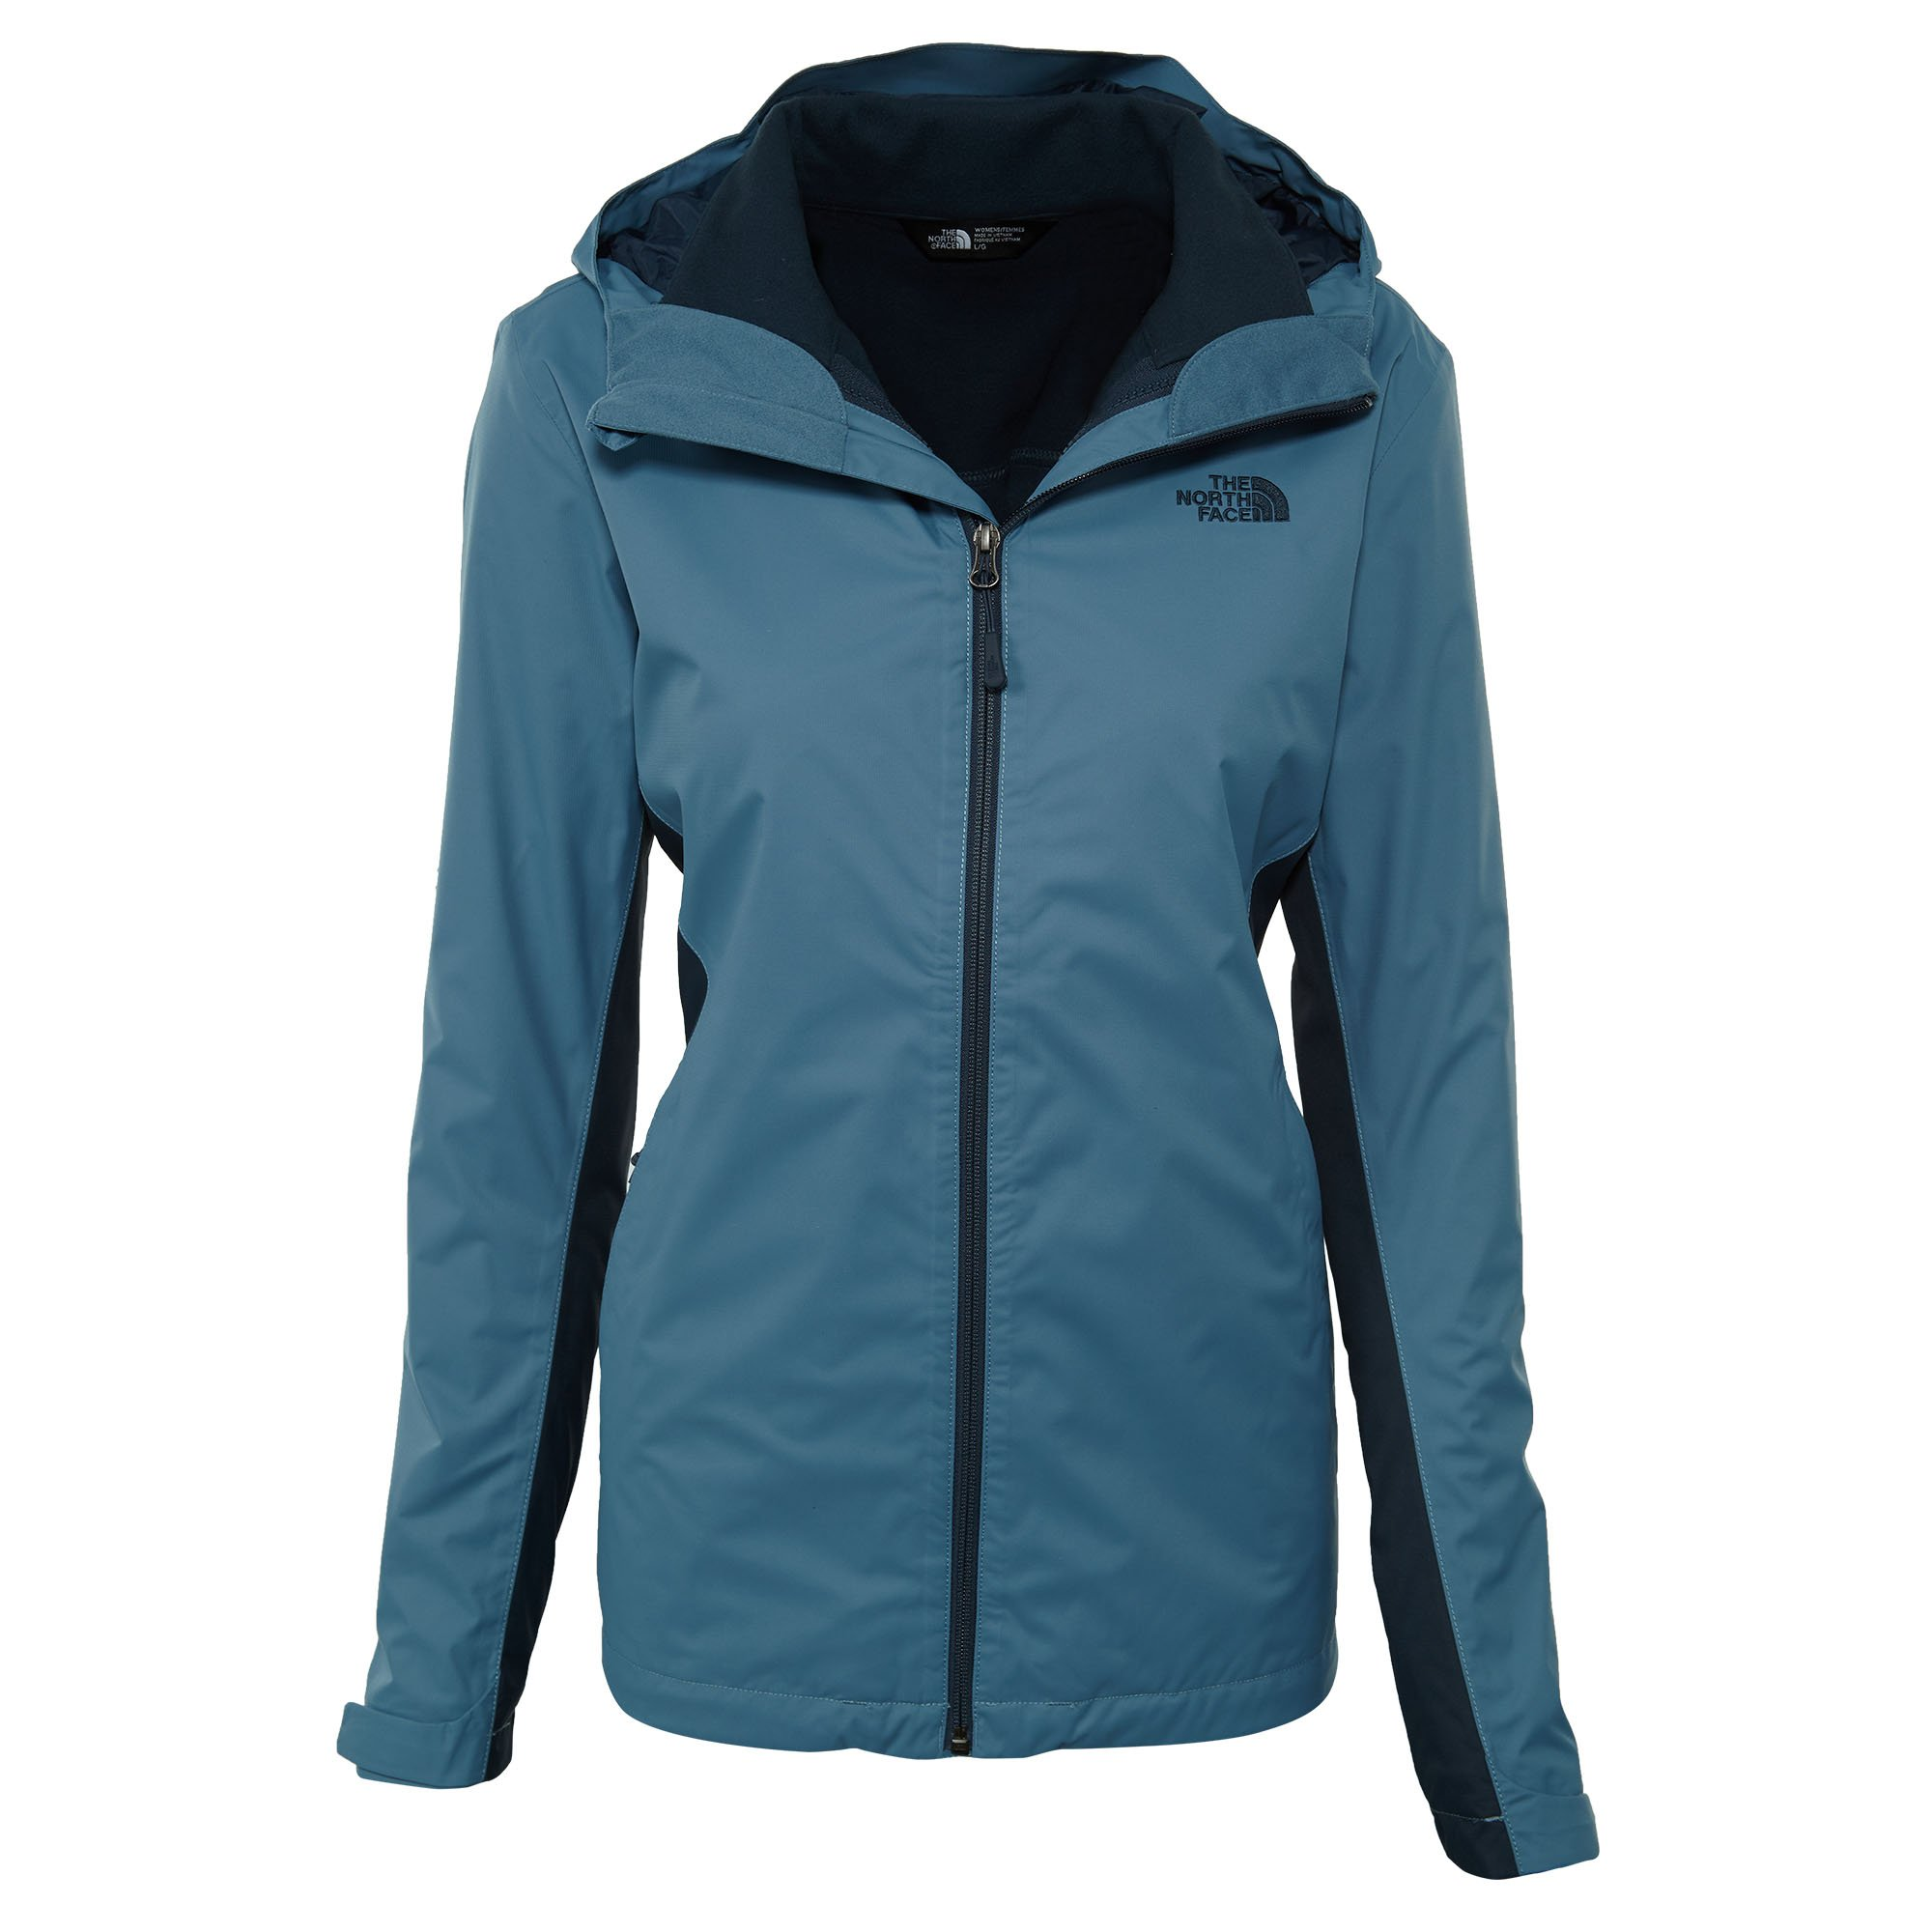 fdf3af115 The North Face Women's Arrowood Tri-Climate Jacket Provincial Blue/Ink Blue  (Large)